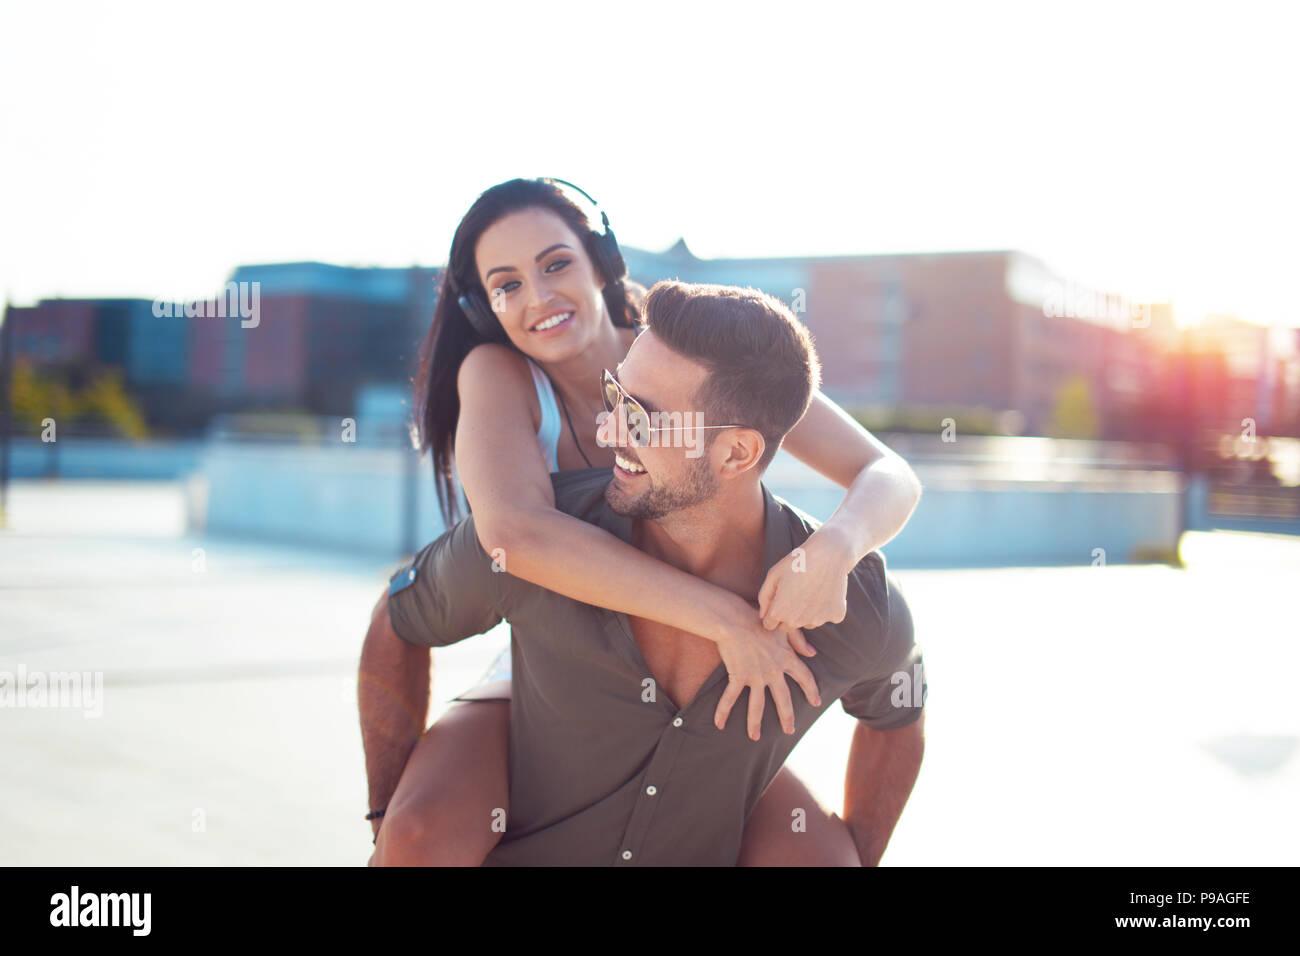 Glückliche junge trendige Urban Paar viel Spaß in Stadt, Huckepack Reiten Stockbild